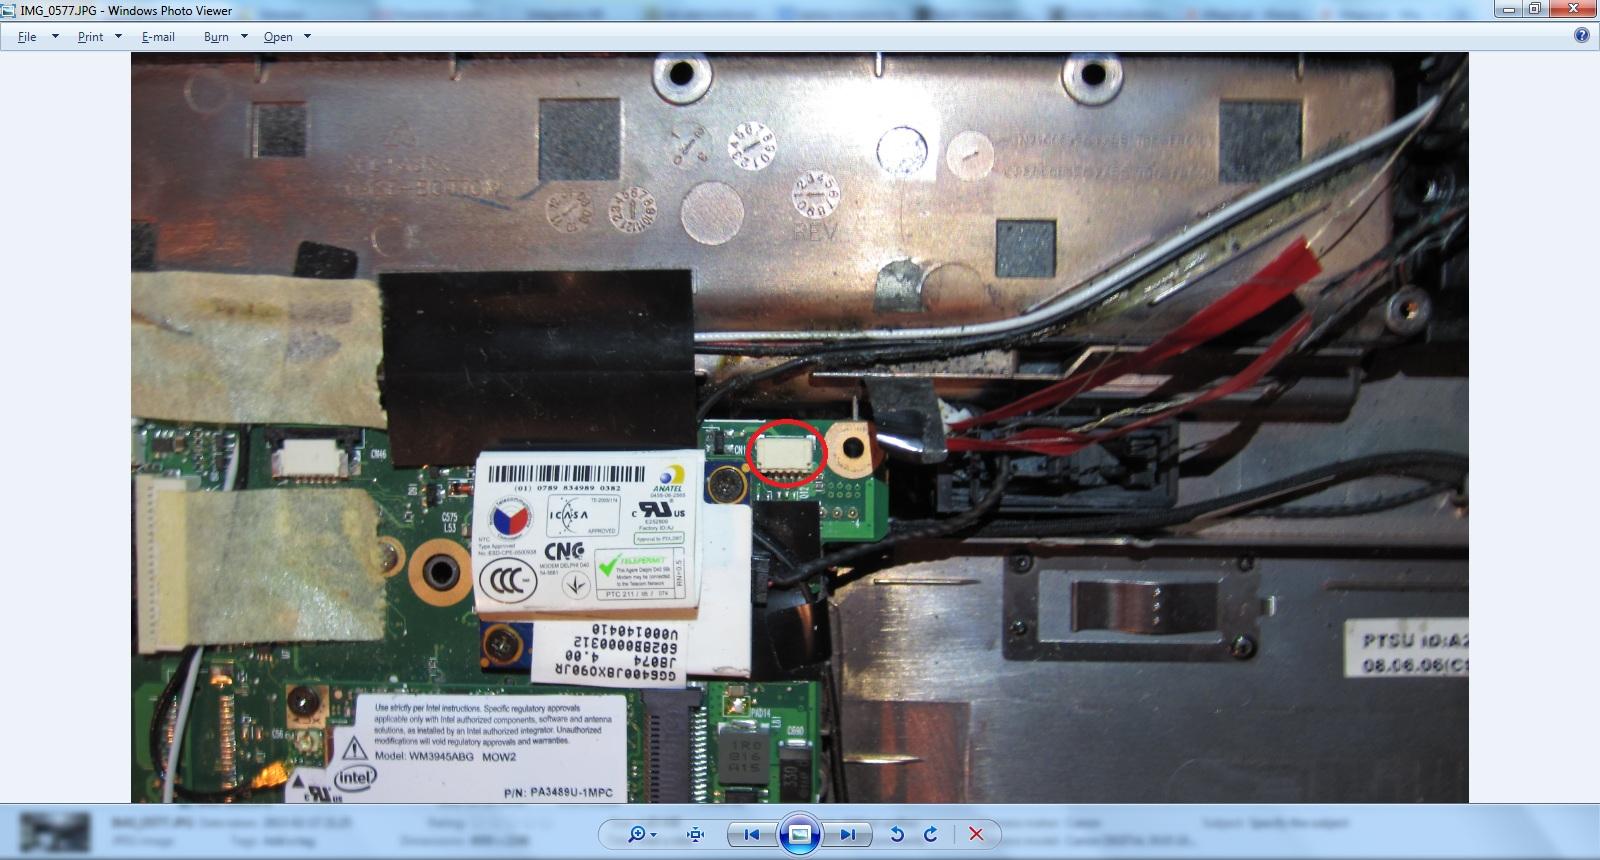 Toshiba Satellite A300-1EG - Jak wymienic tasme kamery w Toshiba A300 ?